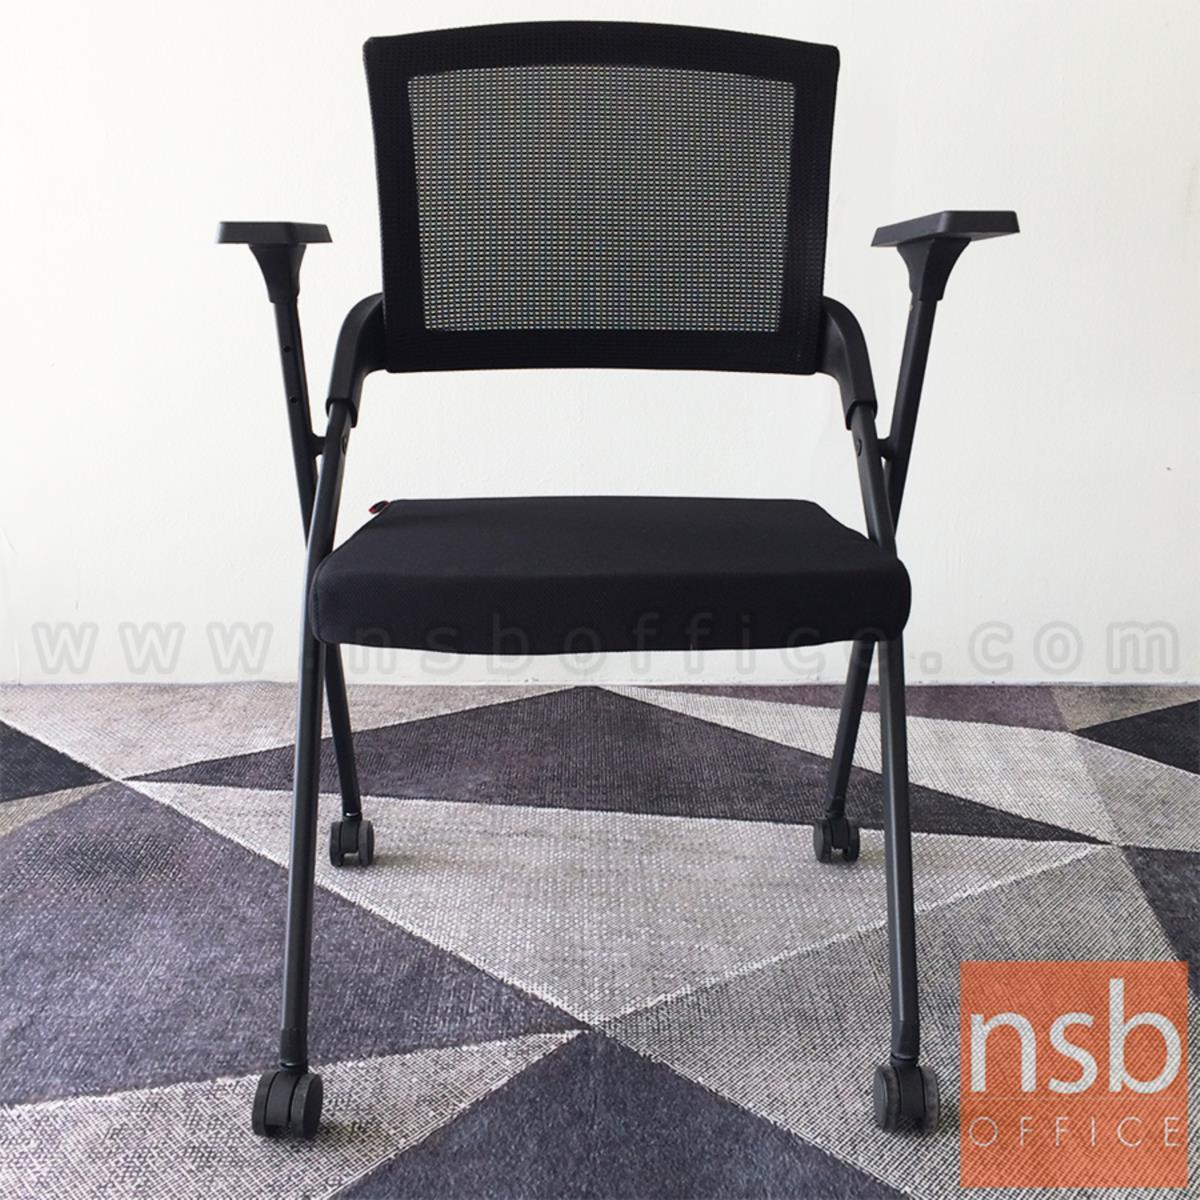 เก้าอี้สำนักงานหลังเน็ต รุ่น Rolex (โรเล็กซ์)  ขาเหล็กพ่นดำ